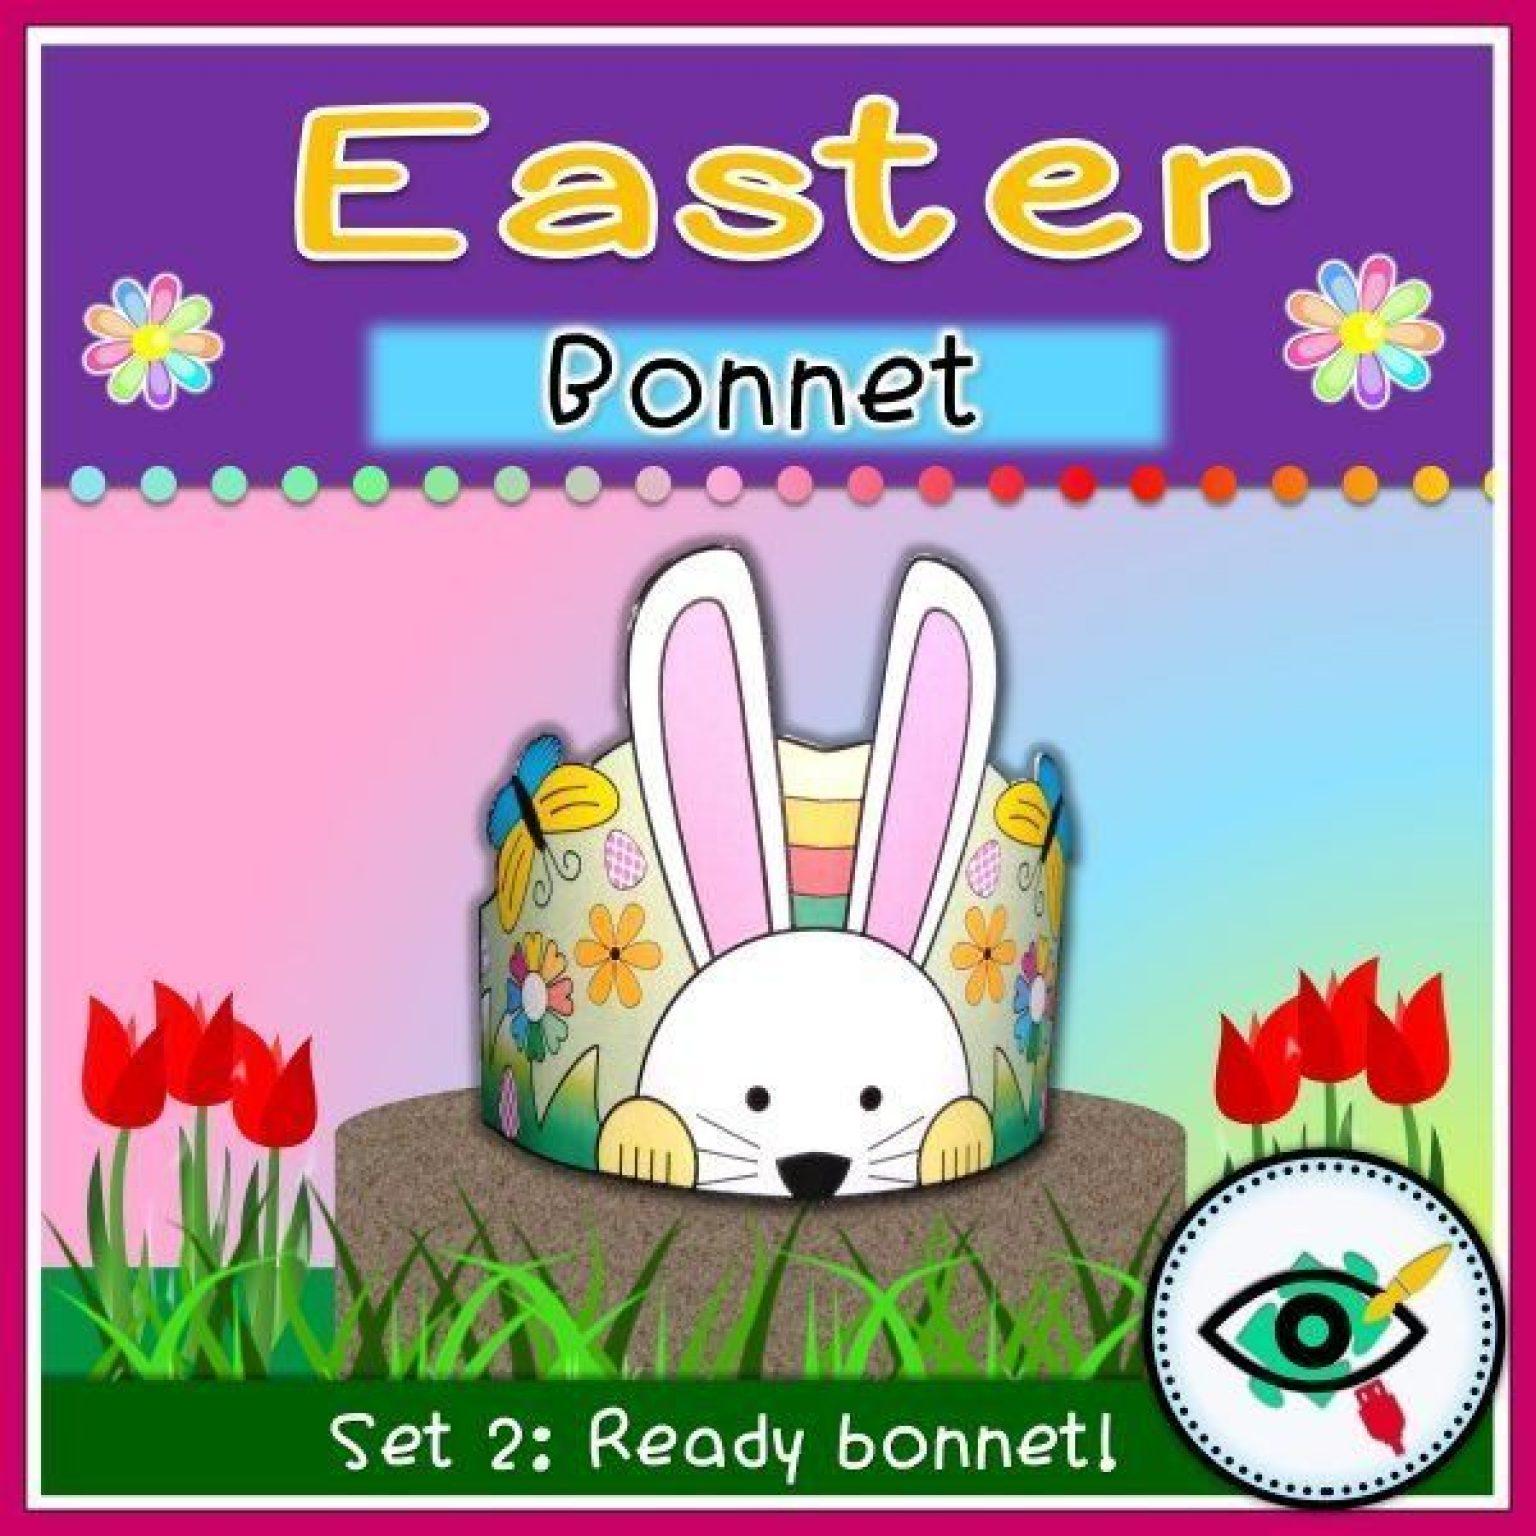 easter-bonnet-title3